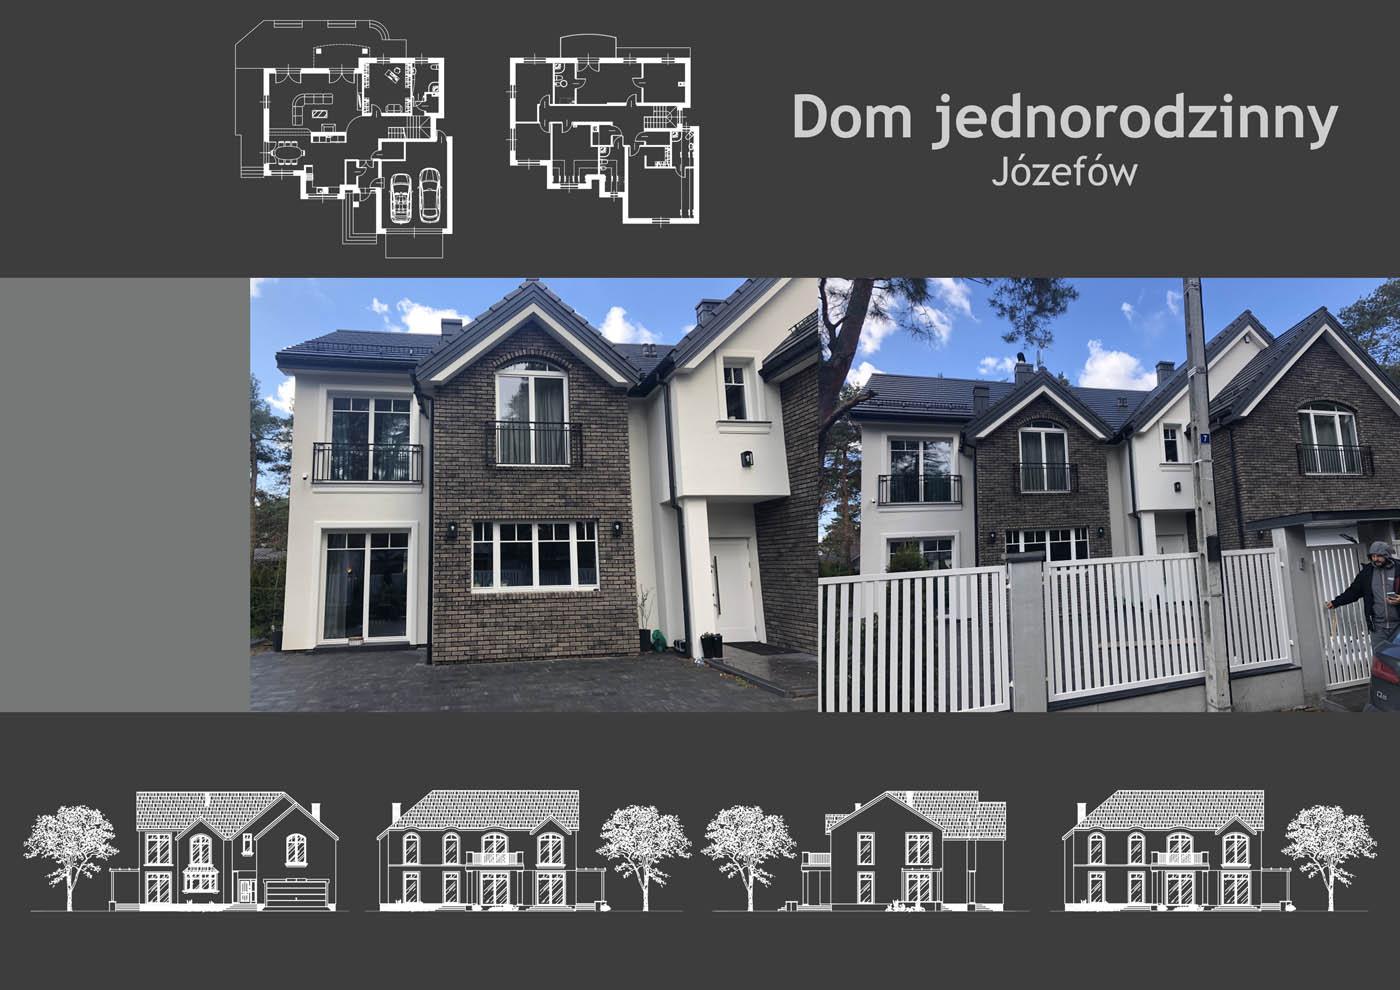 Dom jednorodzinny w Józefowie